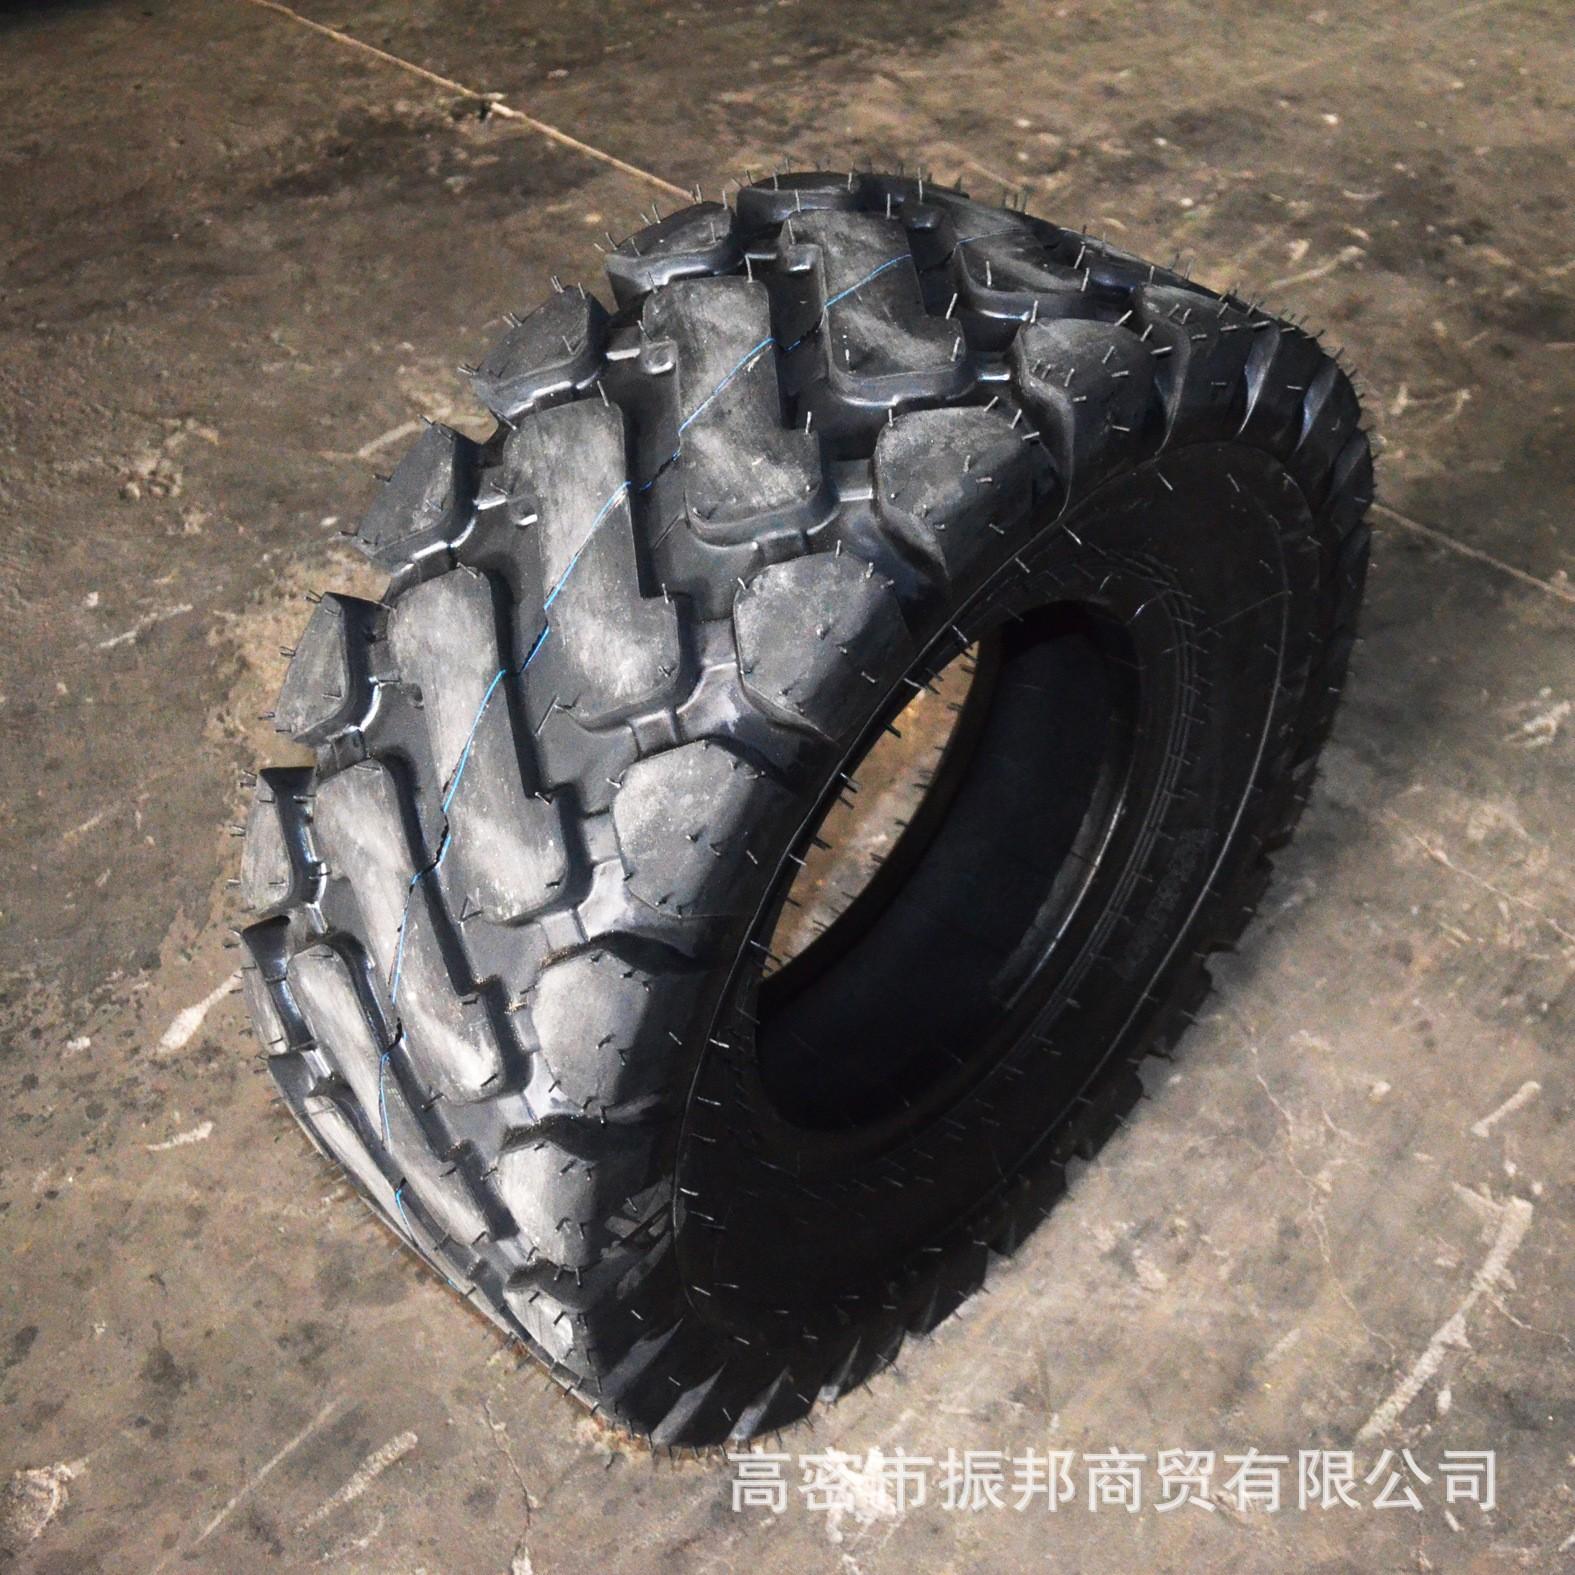 批发 20.5/70-16龙工花纹轮胎 工程车铲车轮胎 挖掘机载重机轮胎